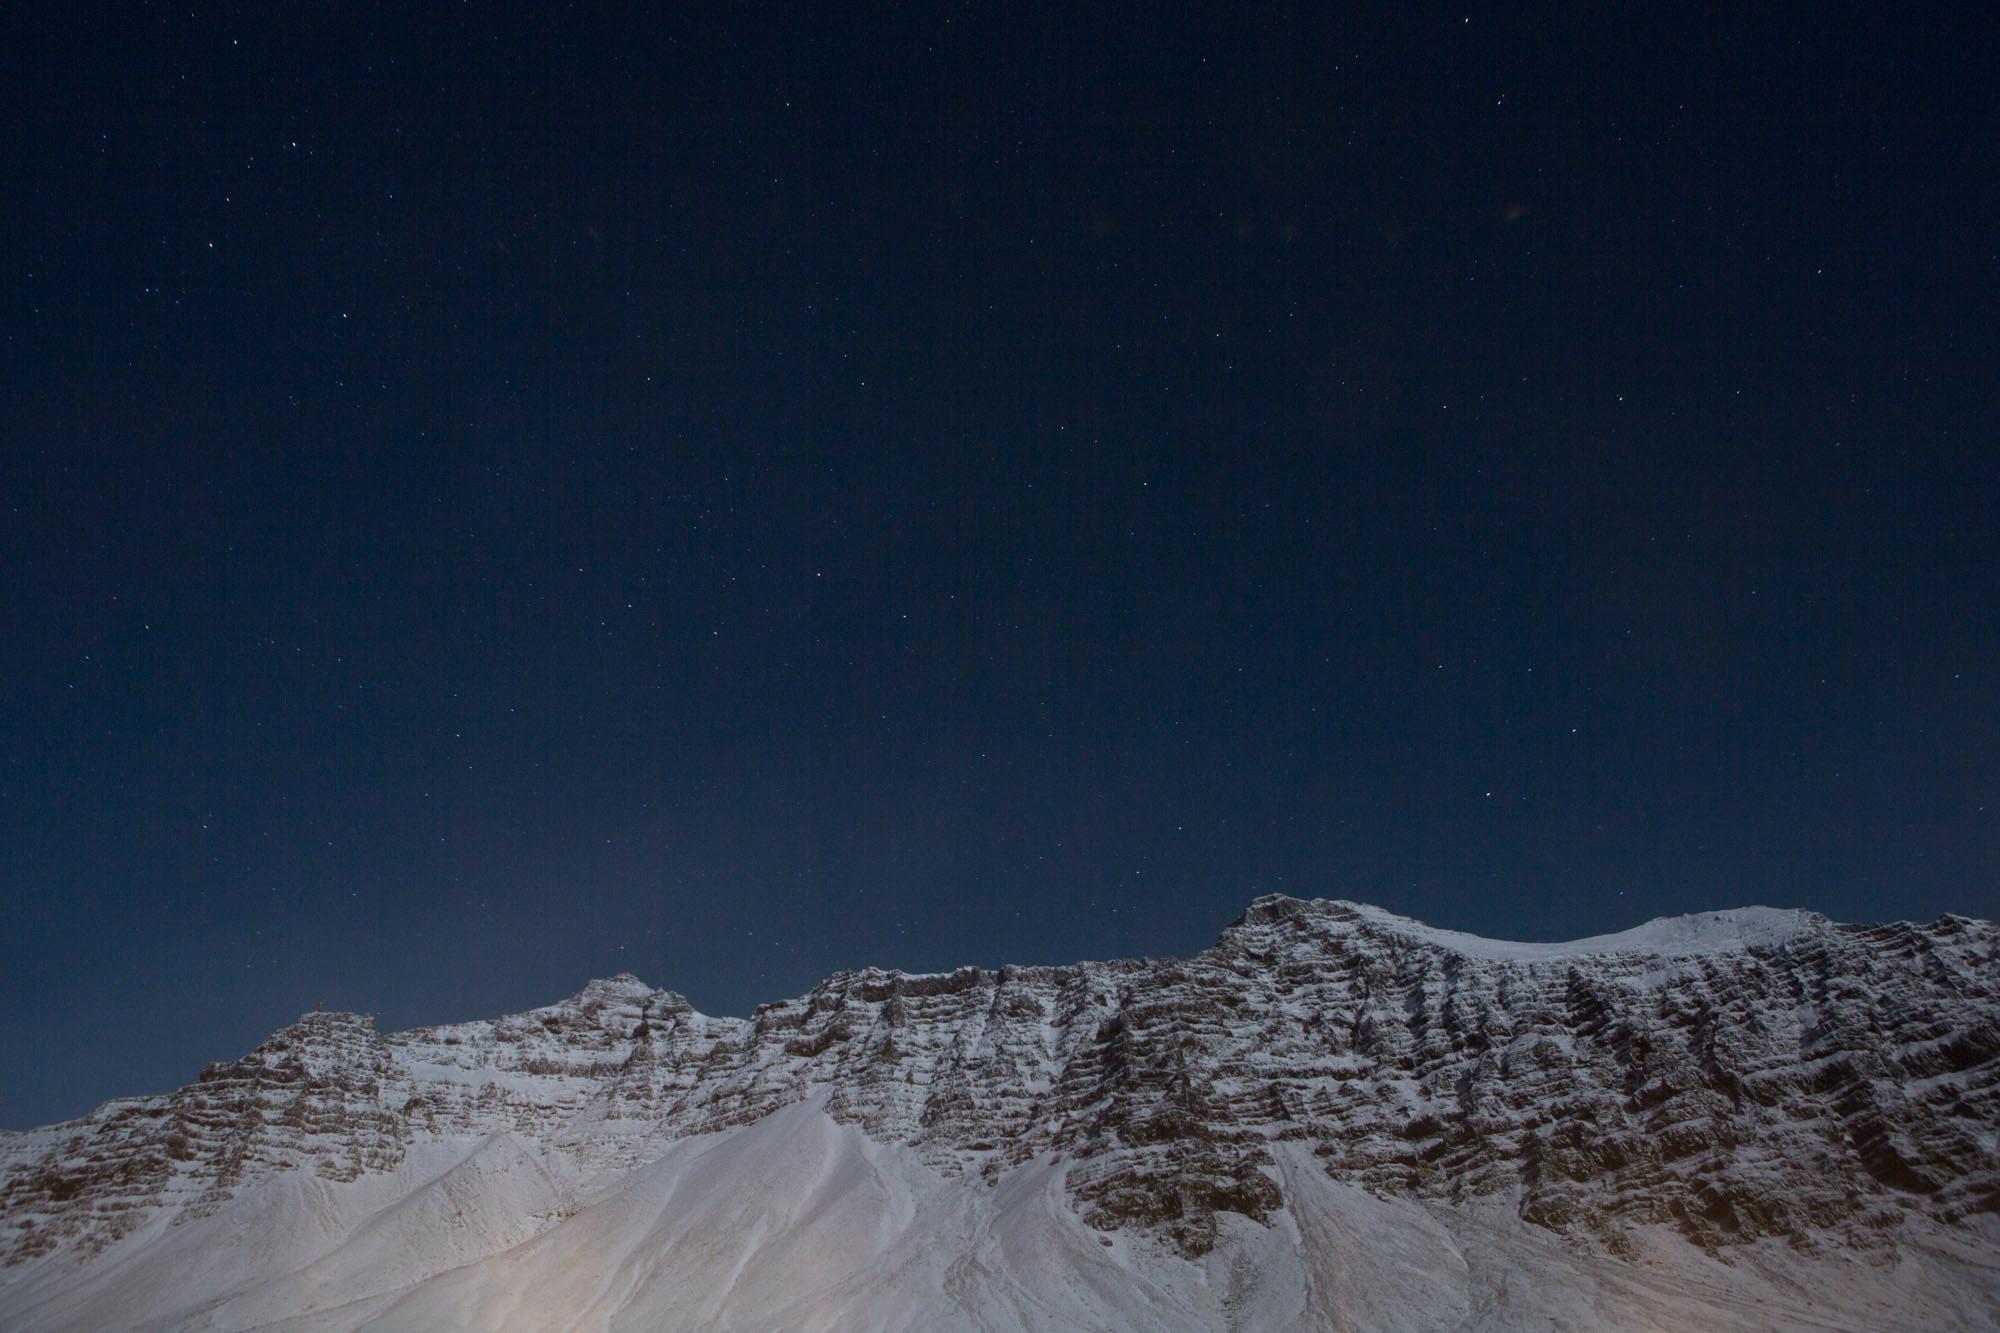 Iceland photo inspiration